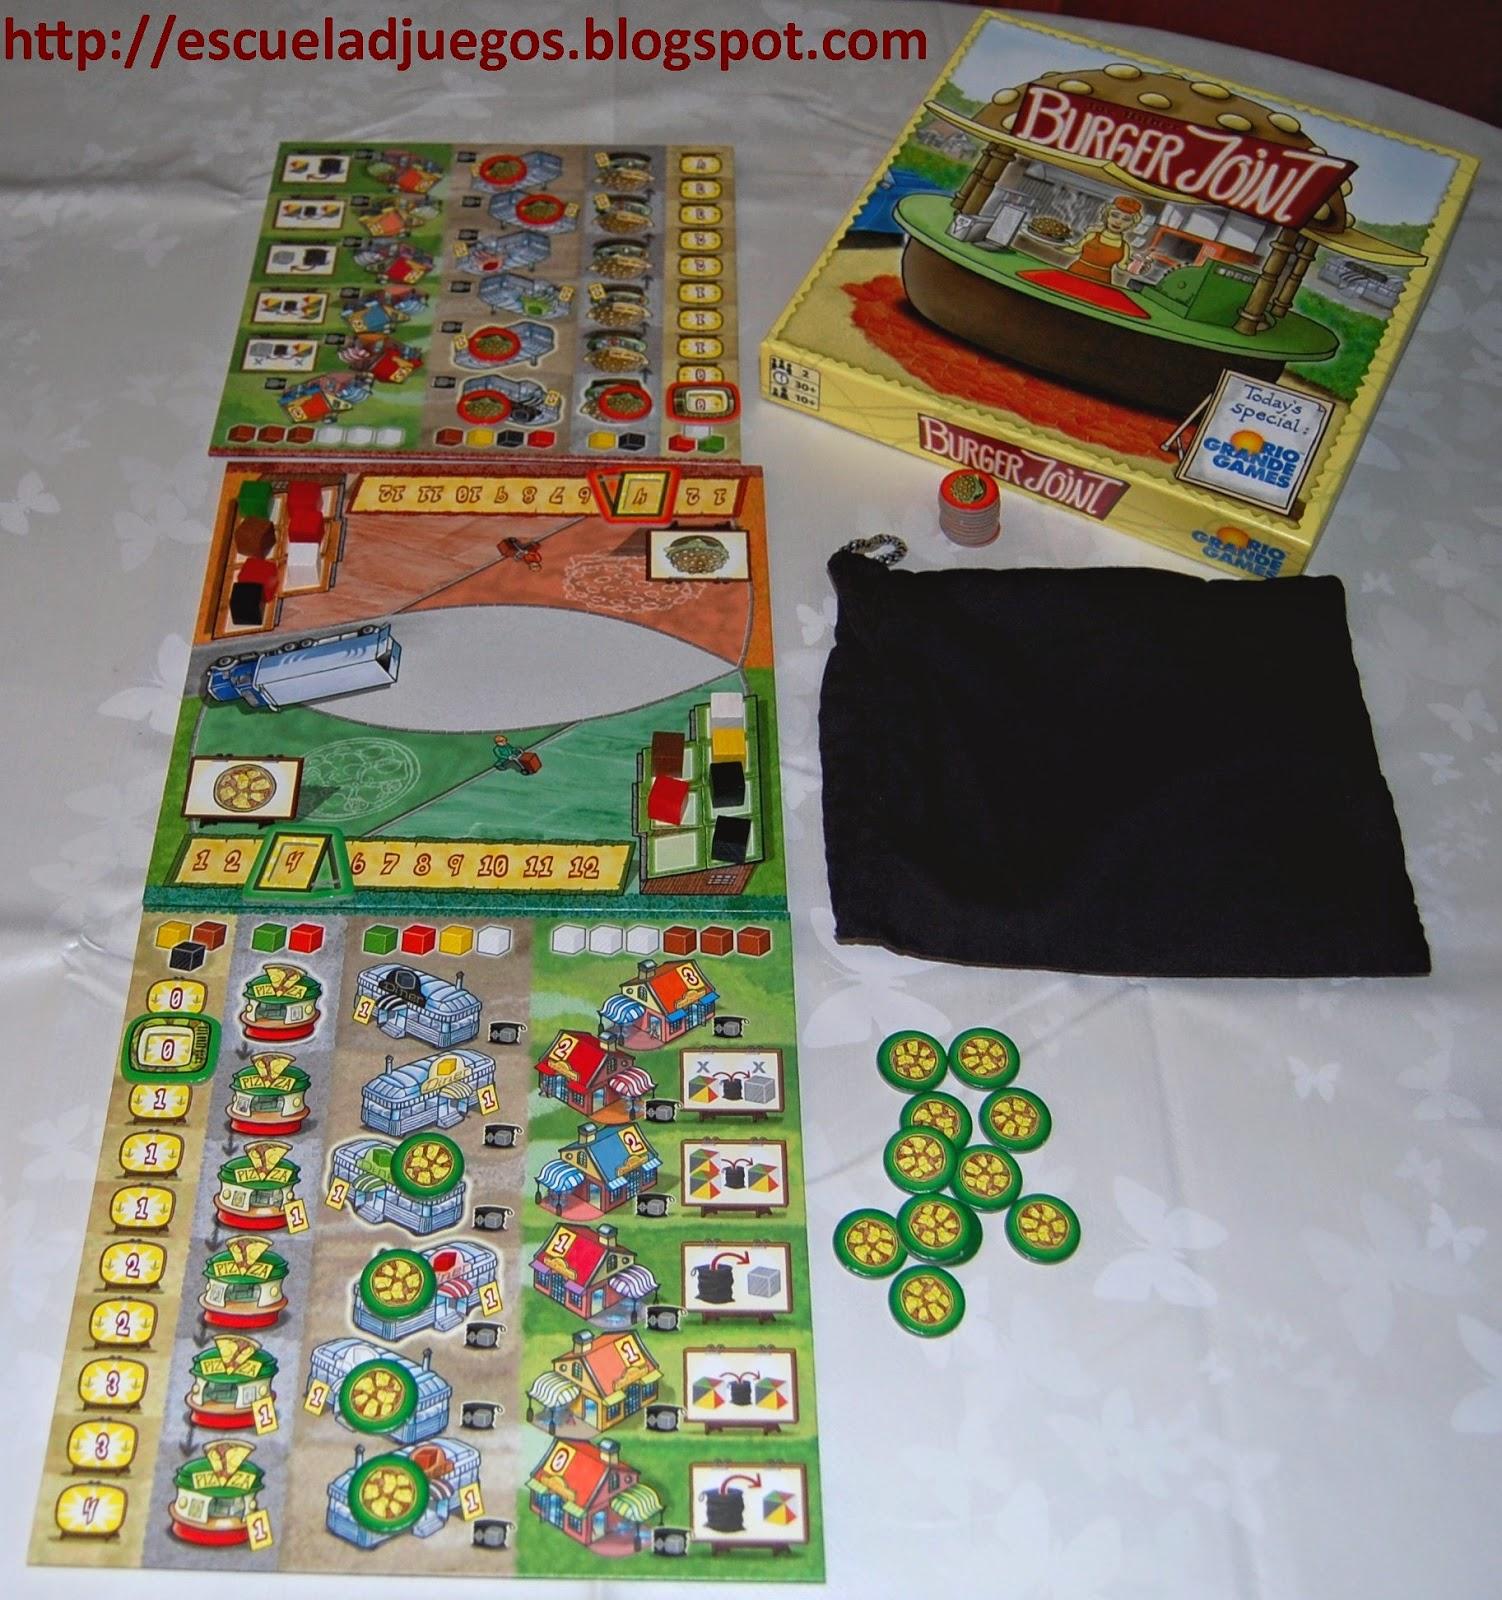 Reseña de Burger Joint, juego de mesa para 2 jugadores editado en inglés por Rio Grande Games.